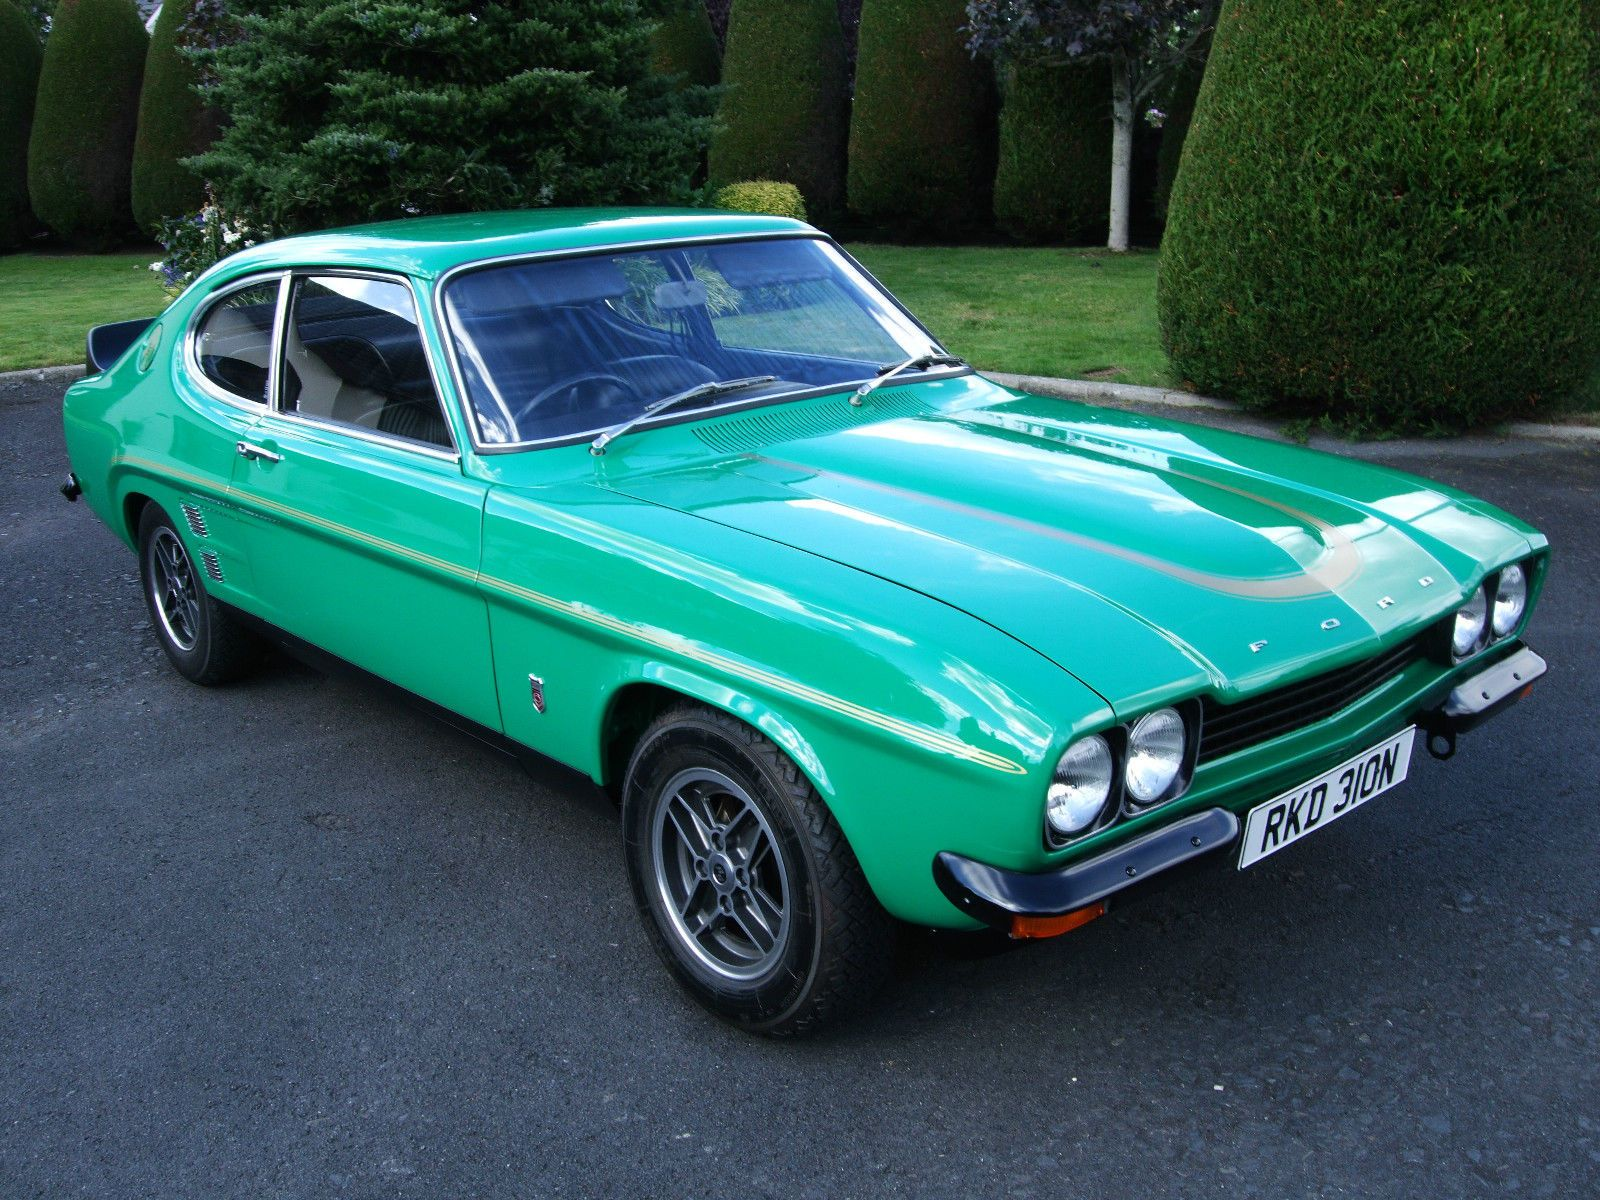 genuine 1974 ford capri rs 3100 modena green in rare concourse condition cars ford capri. Black Bedroom Furniture Sets. Home Design Ideas